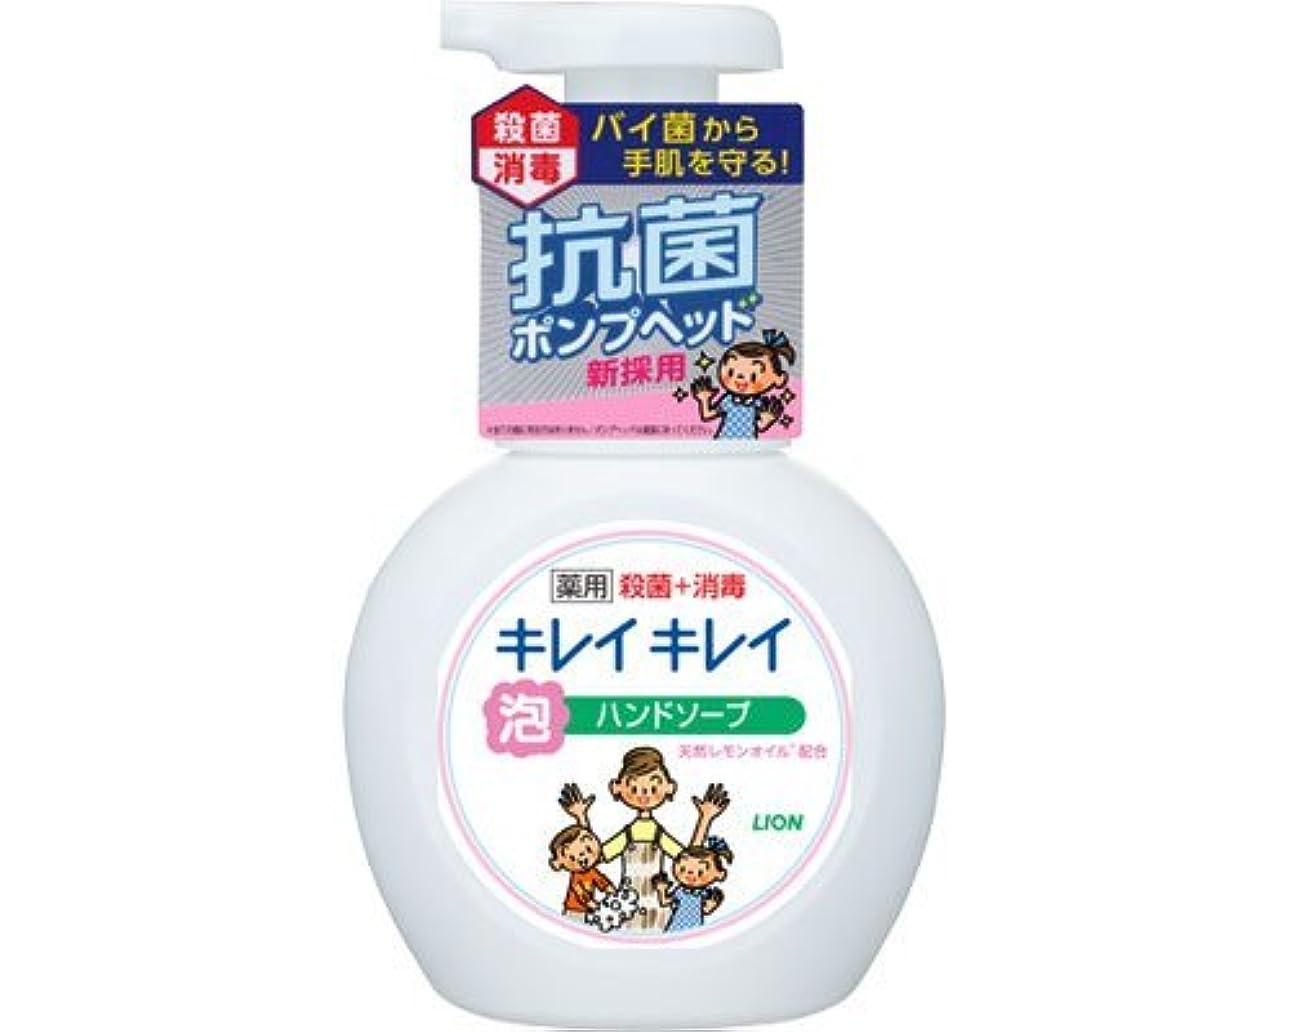 障害者バブルマニュアルキレイキレイ薬用泡ハンドソープ 250mLポンプ (ライオン) (手指洗浄)